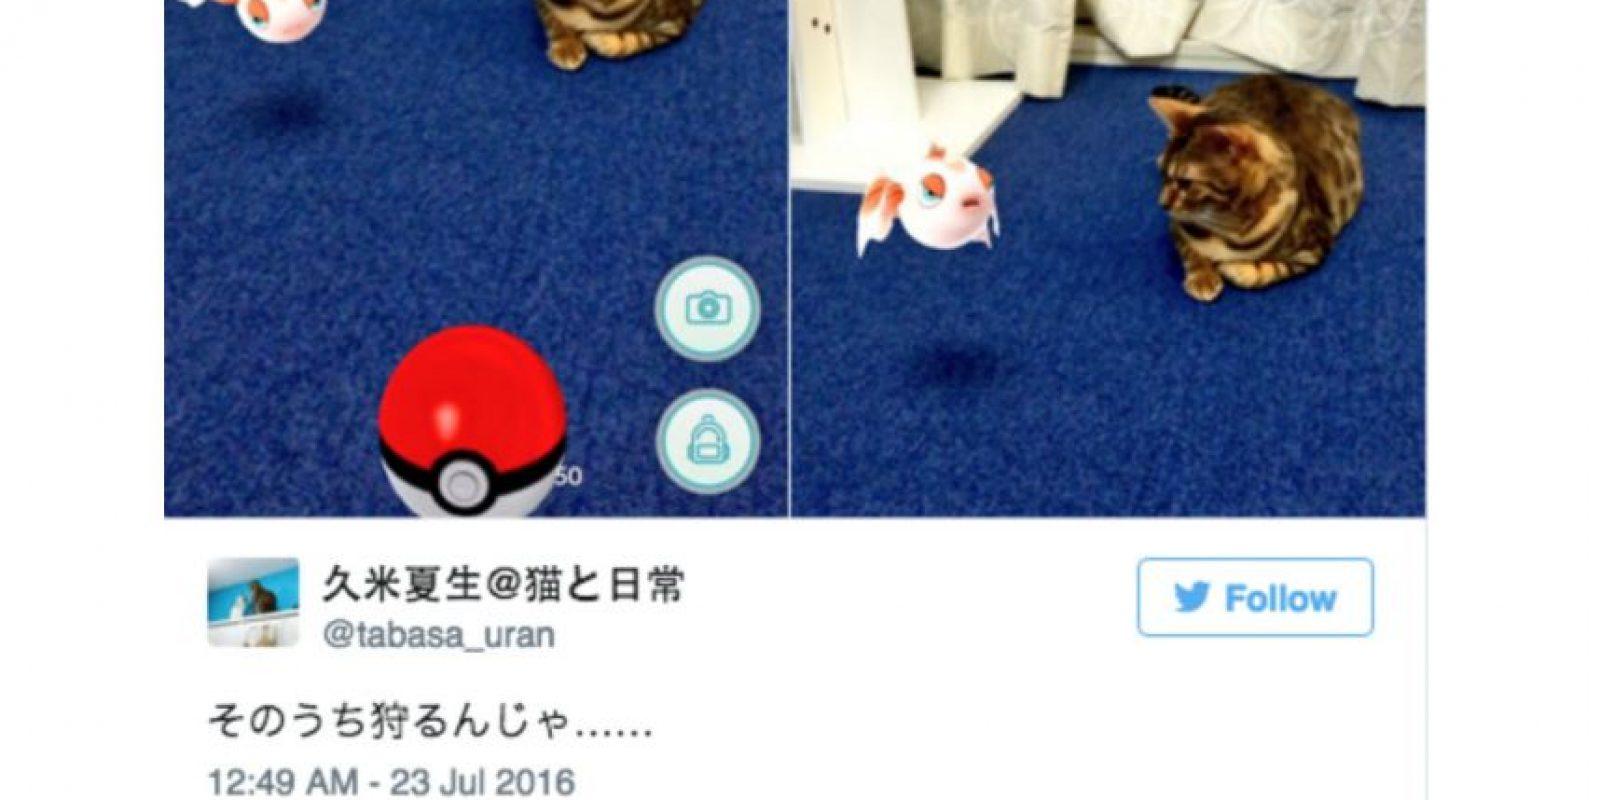 Estaban tratando de capturar pokémon que sólo salen en la noche. Foto:Twitter